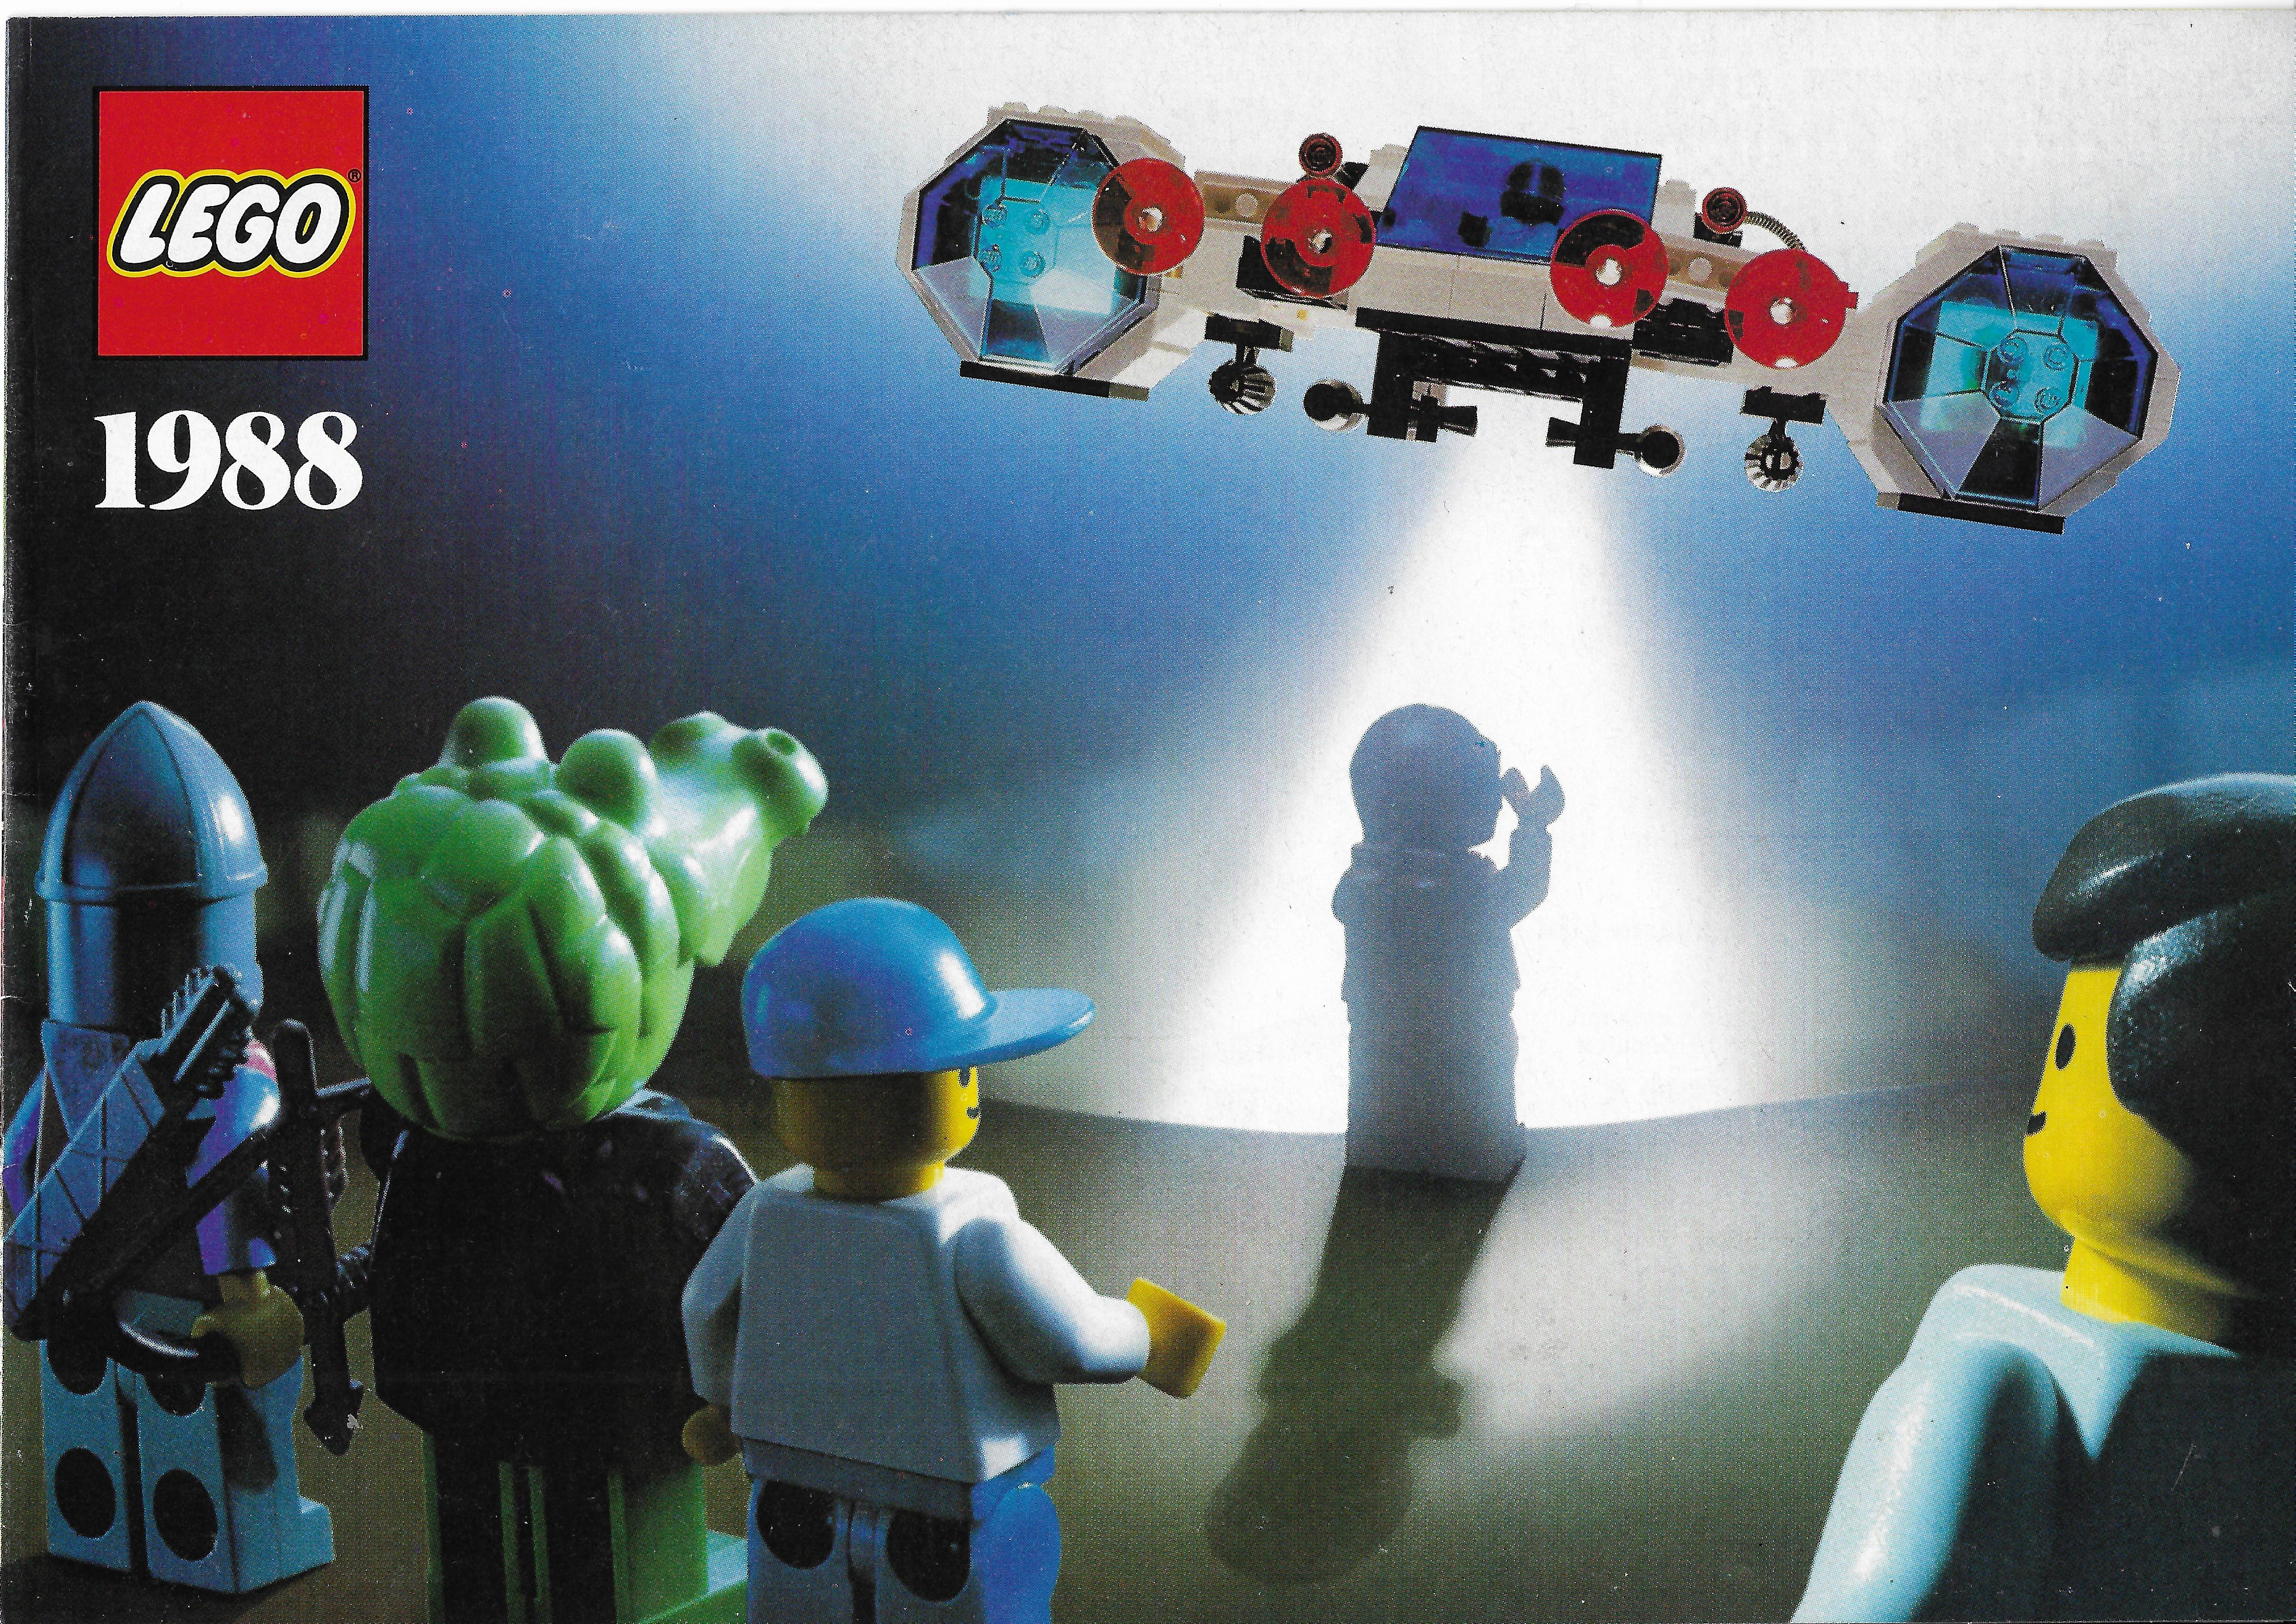 1988-as német Lego katalógus